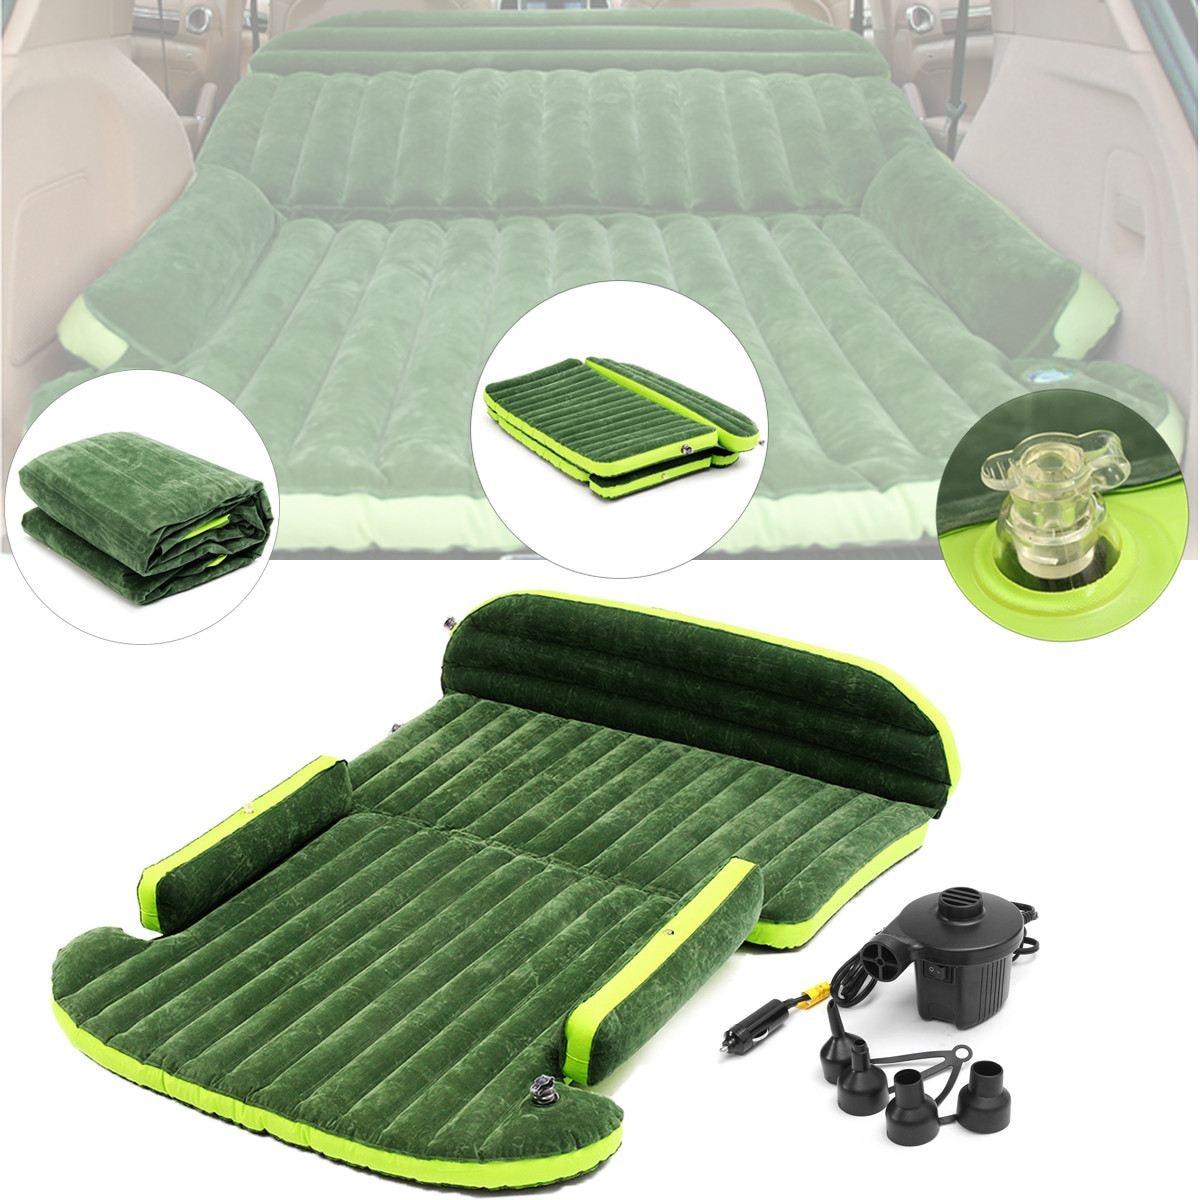 SUV Gonflable Air matelas avec Pompe À Air Tapete Intex Voiture Siège arrière Sommeil Reste Lit Camping Mat Matelas 180 cm x 128 cm